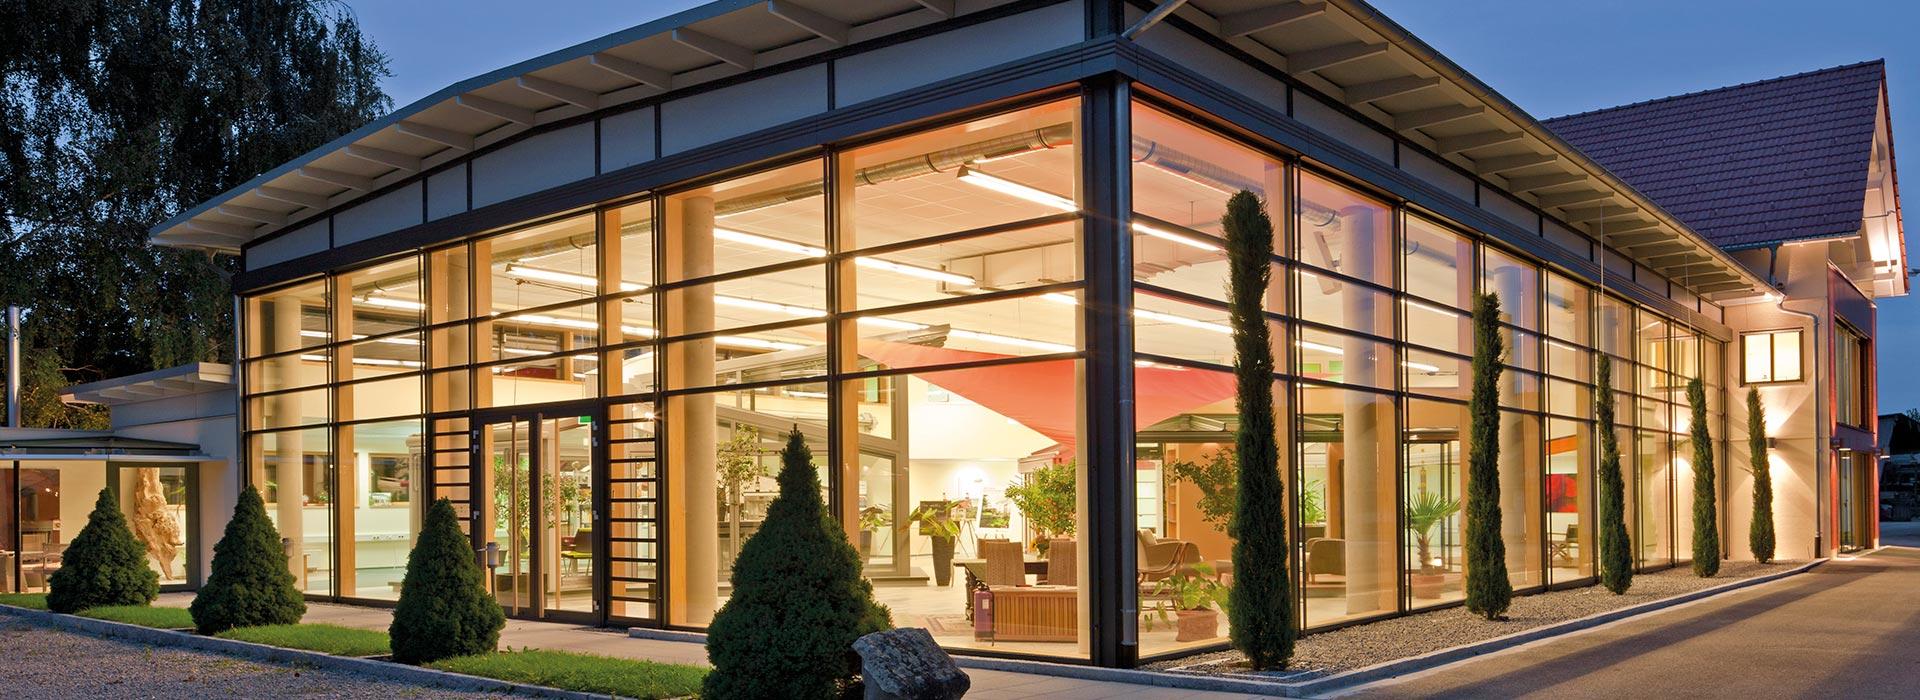 kontakt glashaus rehm wintergarten glashaus light terrassendach oder sonnenschutz von. Black Bedroom Furniture Sets. Home Design Ideas